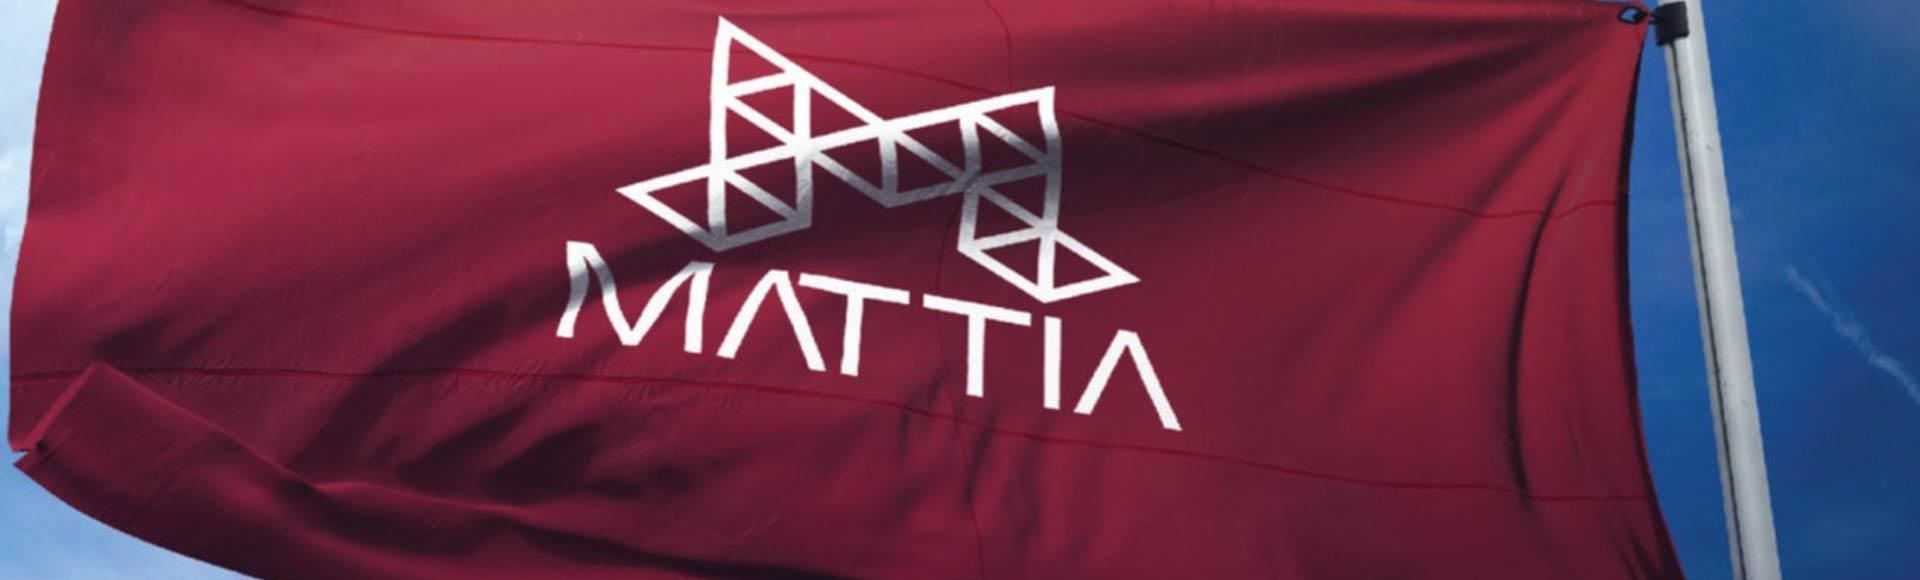 پرچم ماتیا